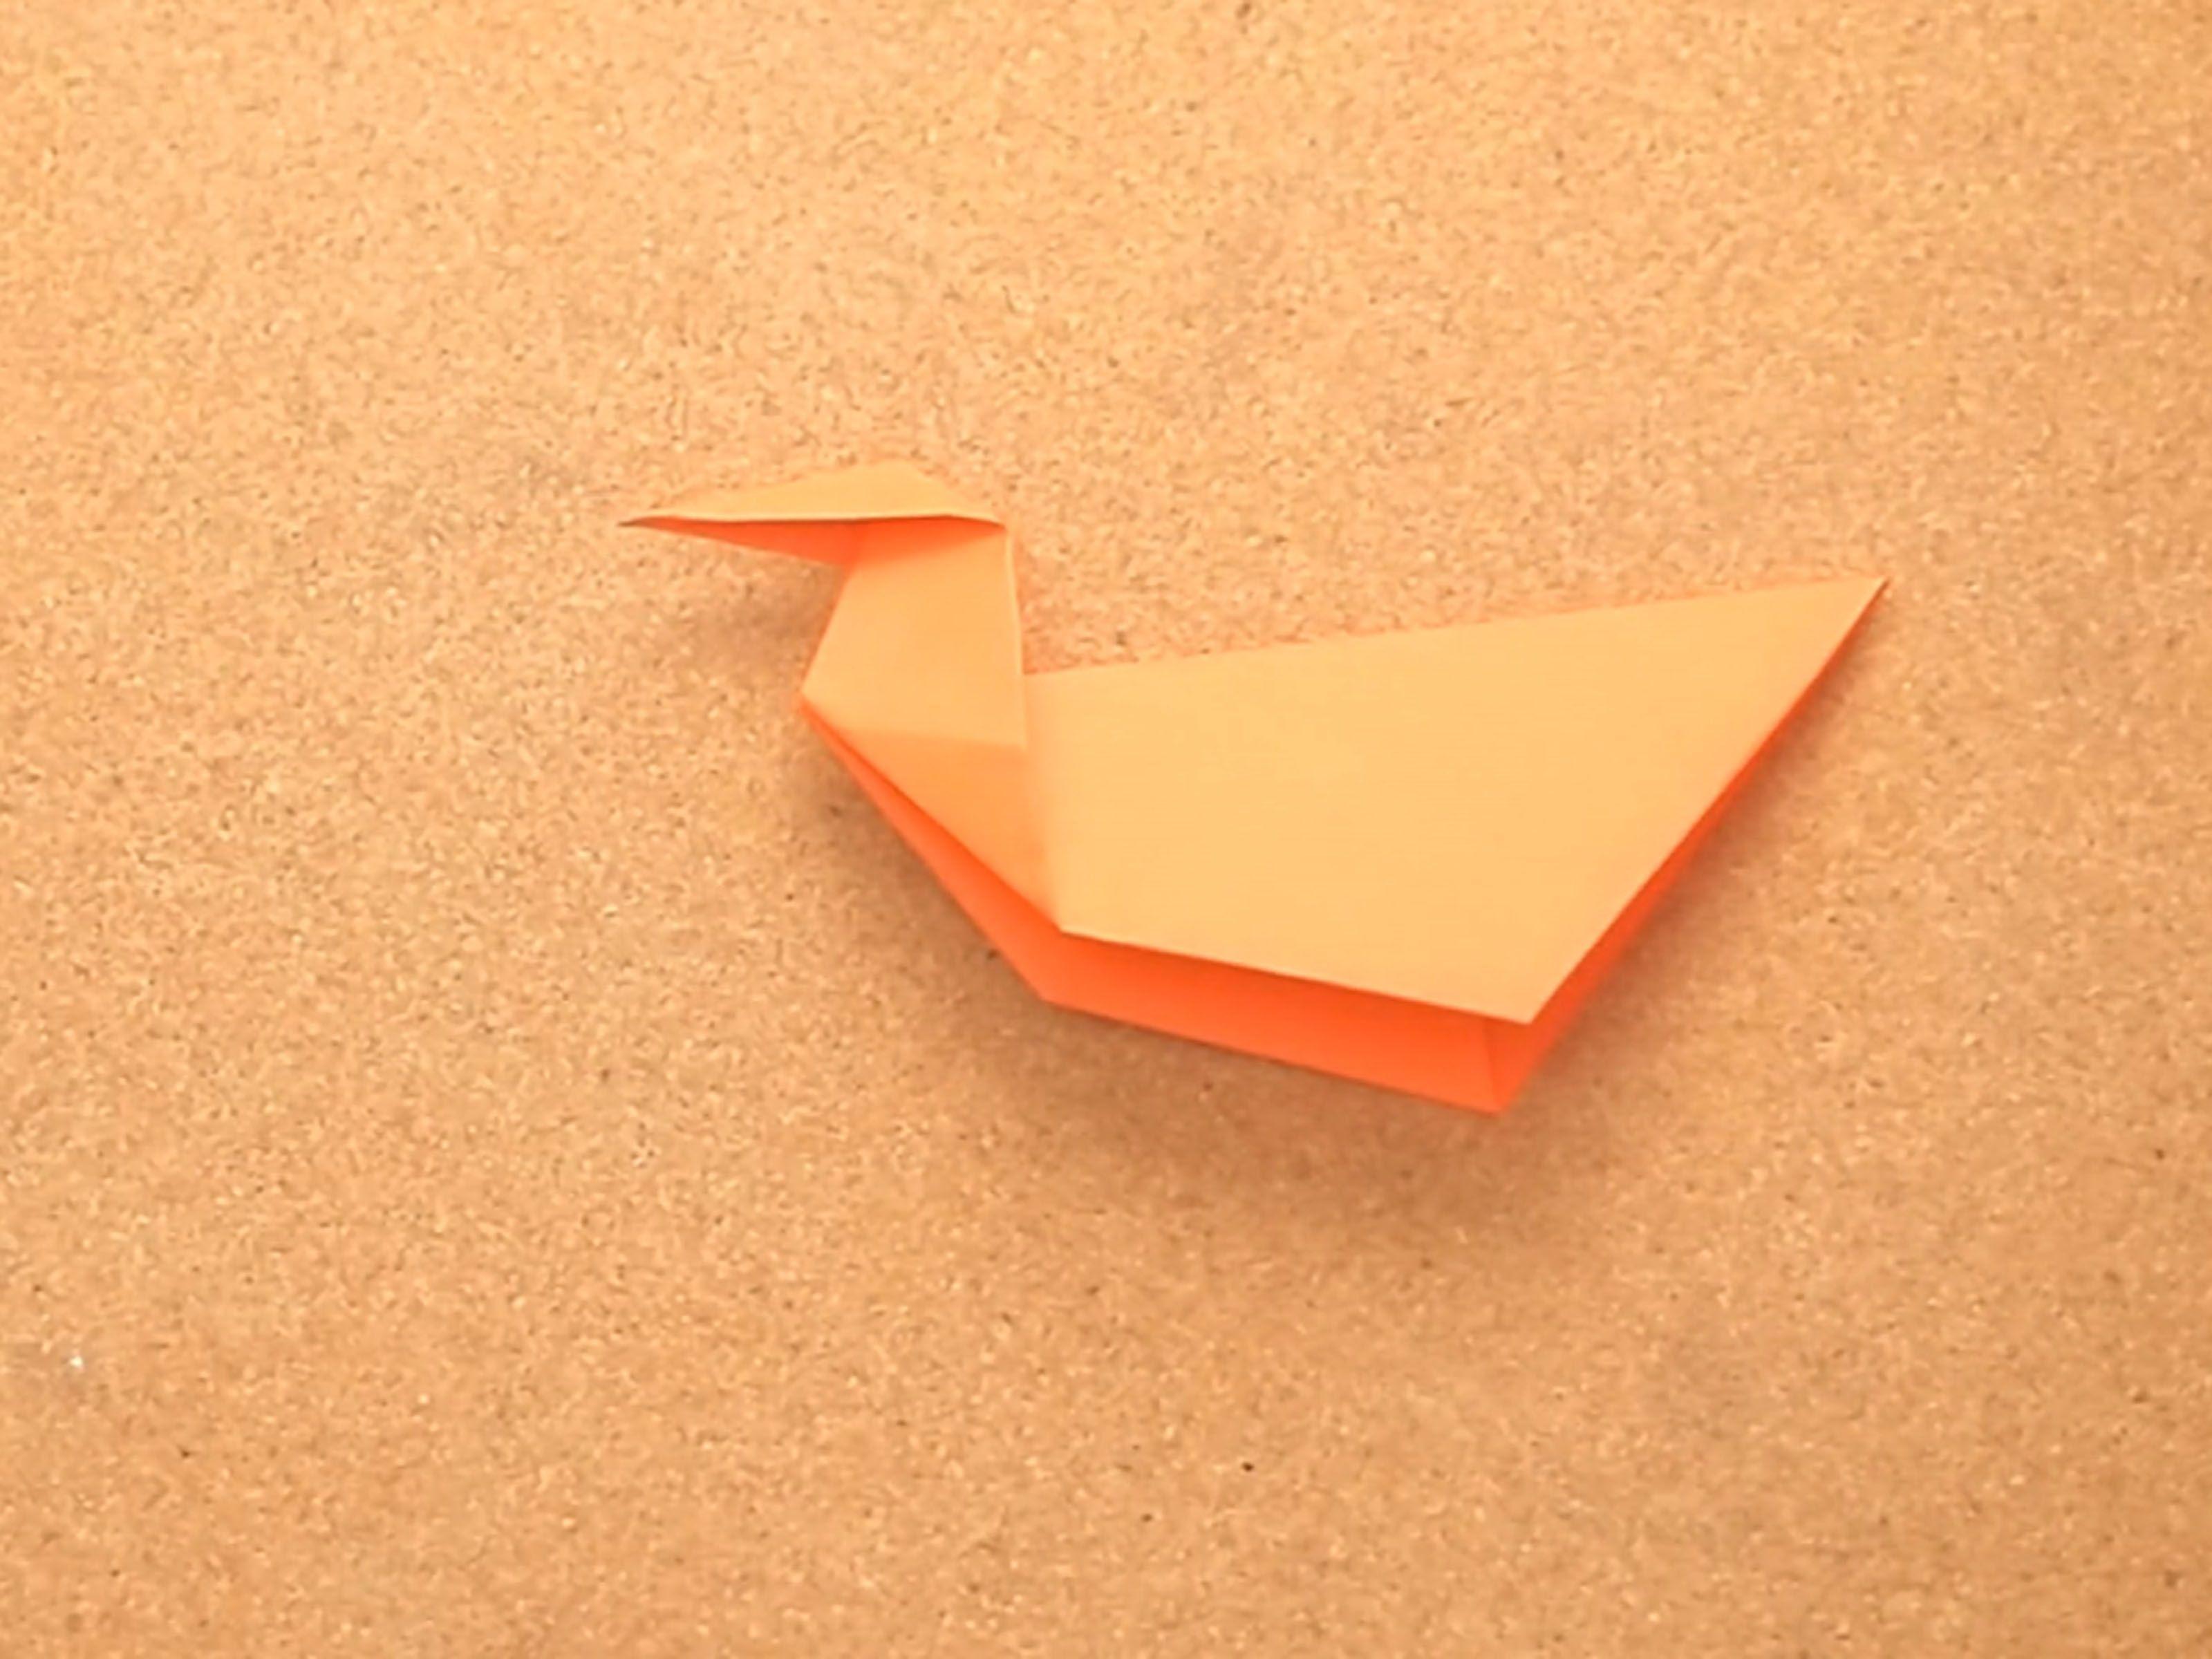 grulla de origami - Buscar con Google | Origami bambini, Origami ... | 2400x3200